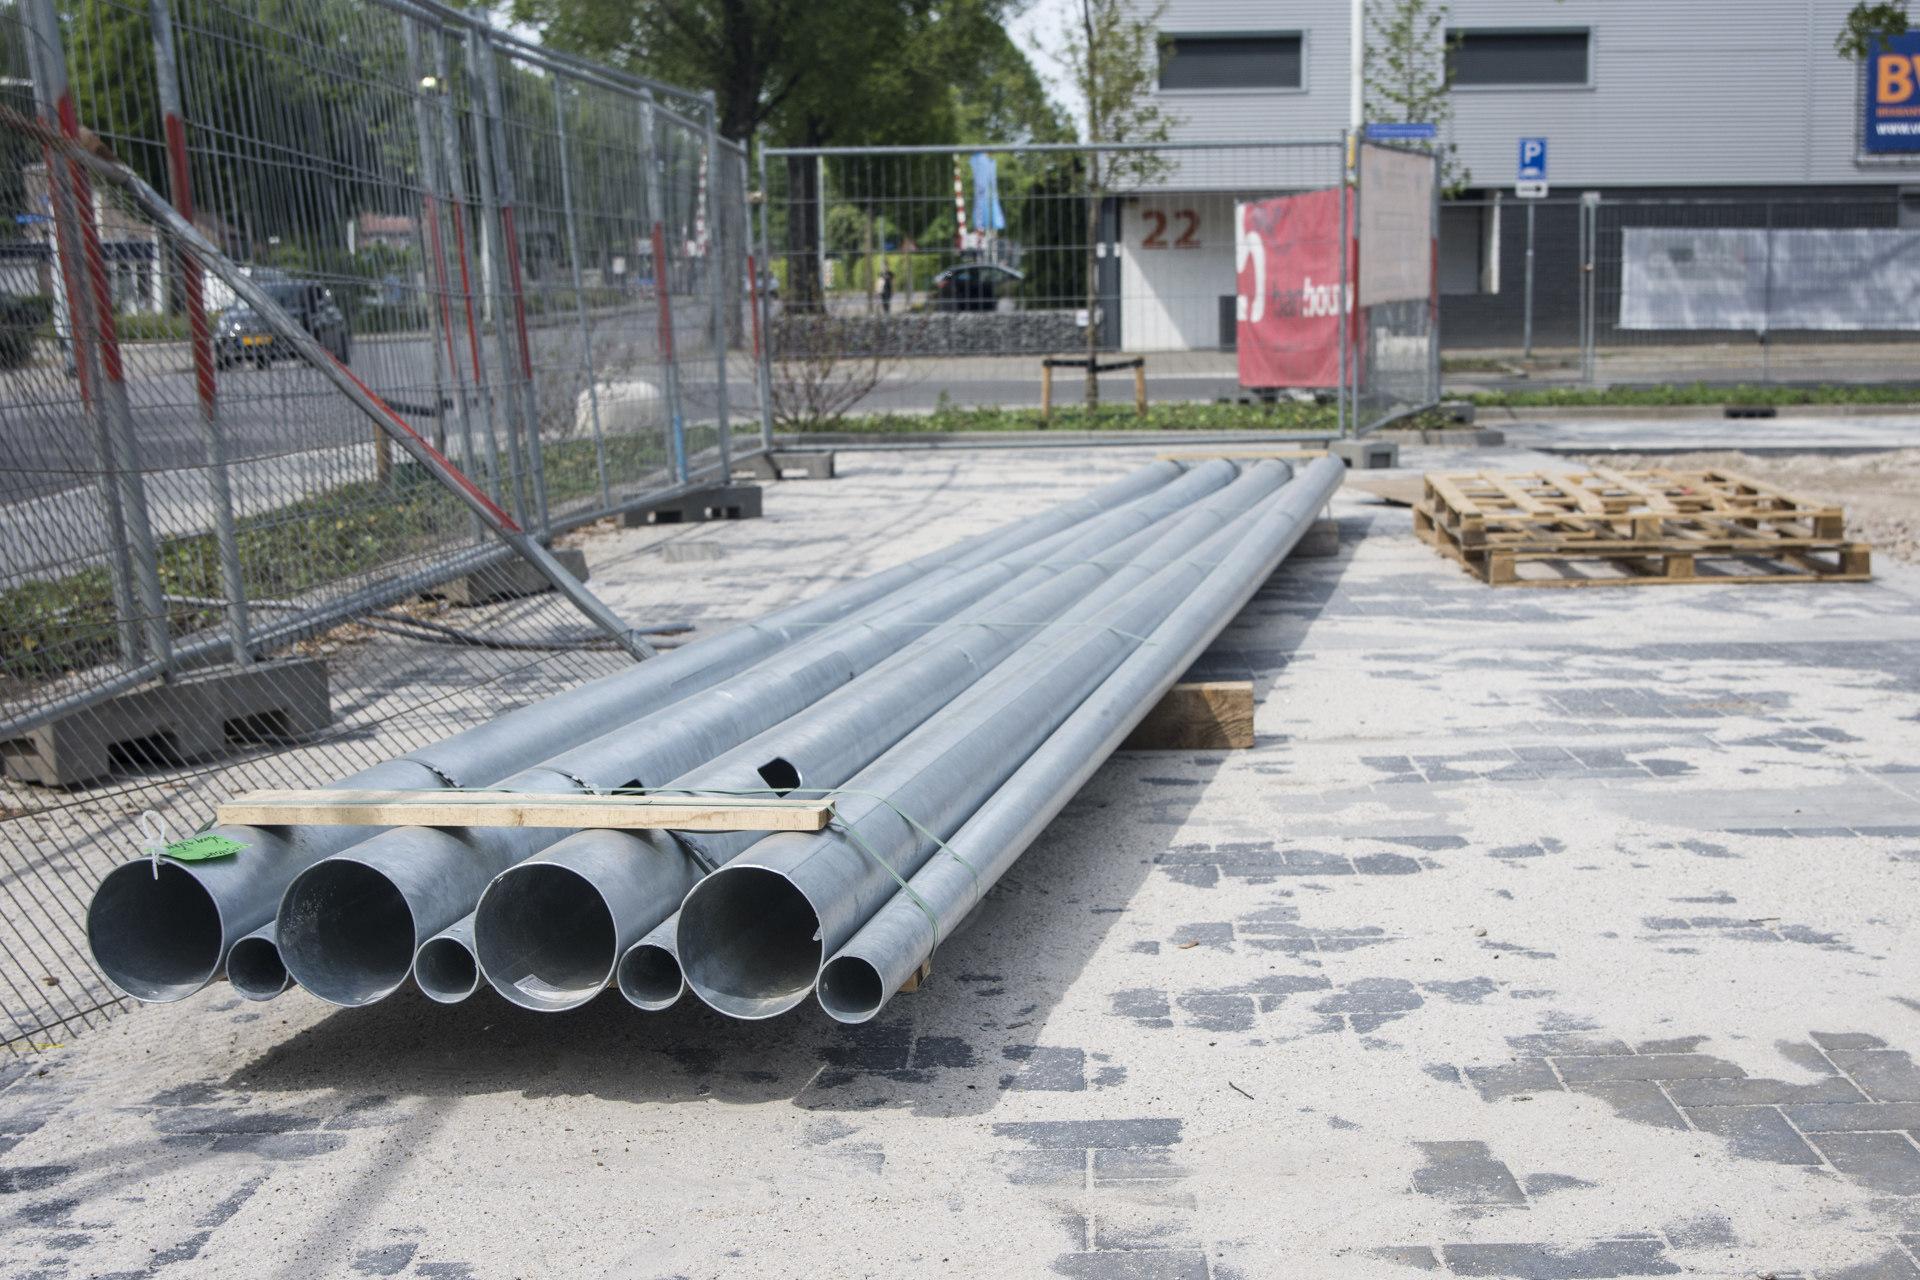 Verbouwing van het Karregat. Nieuwbouw week 19.